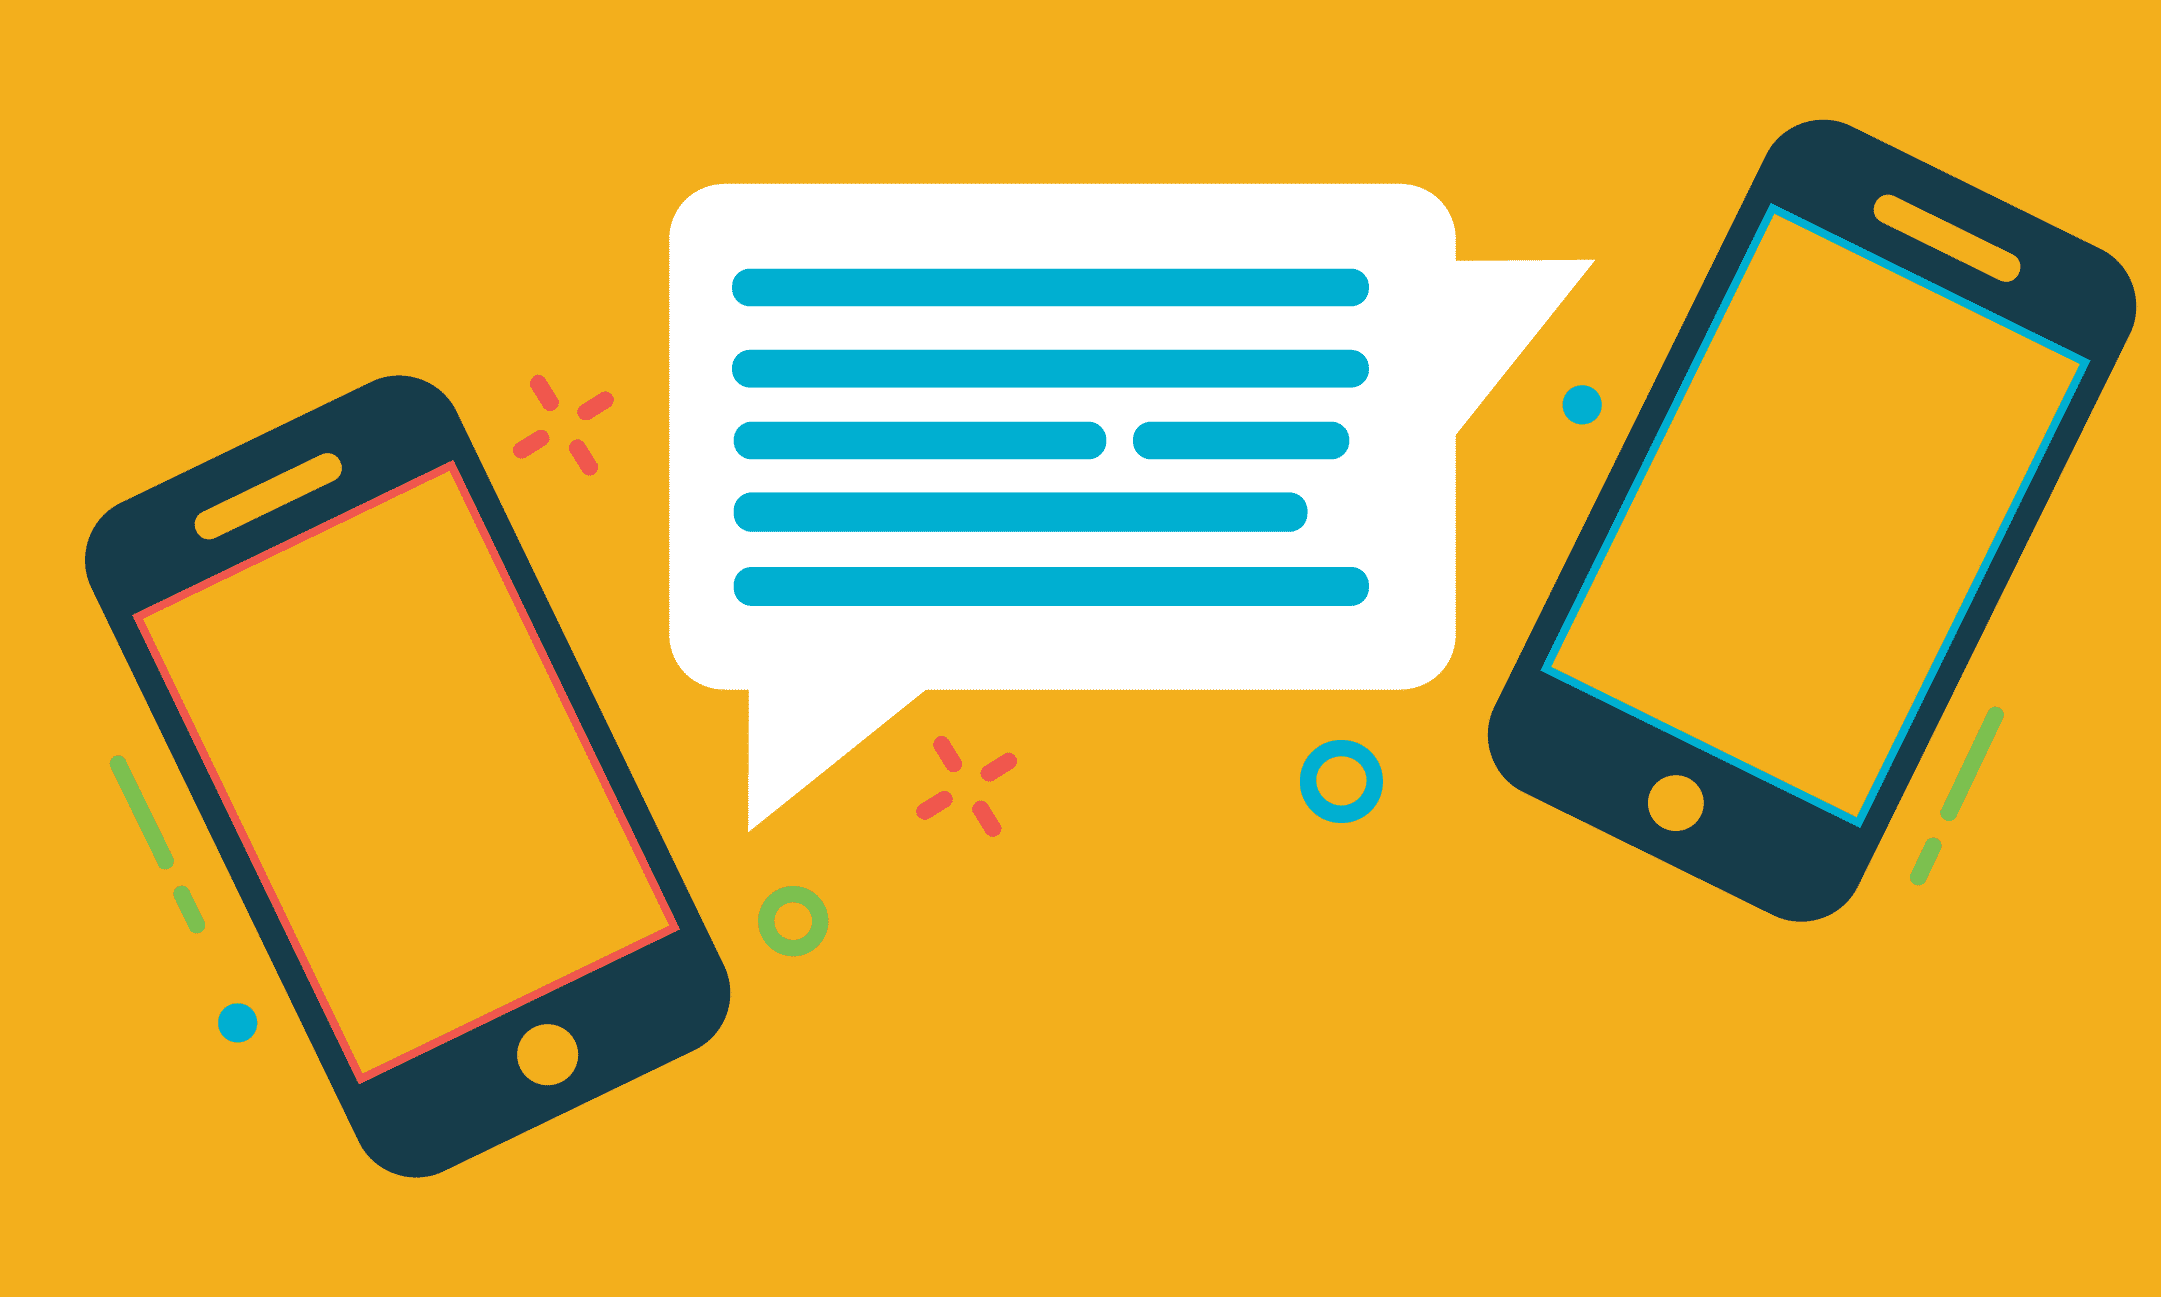 Текстові повідомлення — найефективніший маркетинговий канал, який, здебільшого, бренди не використовують